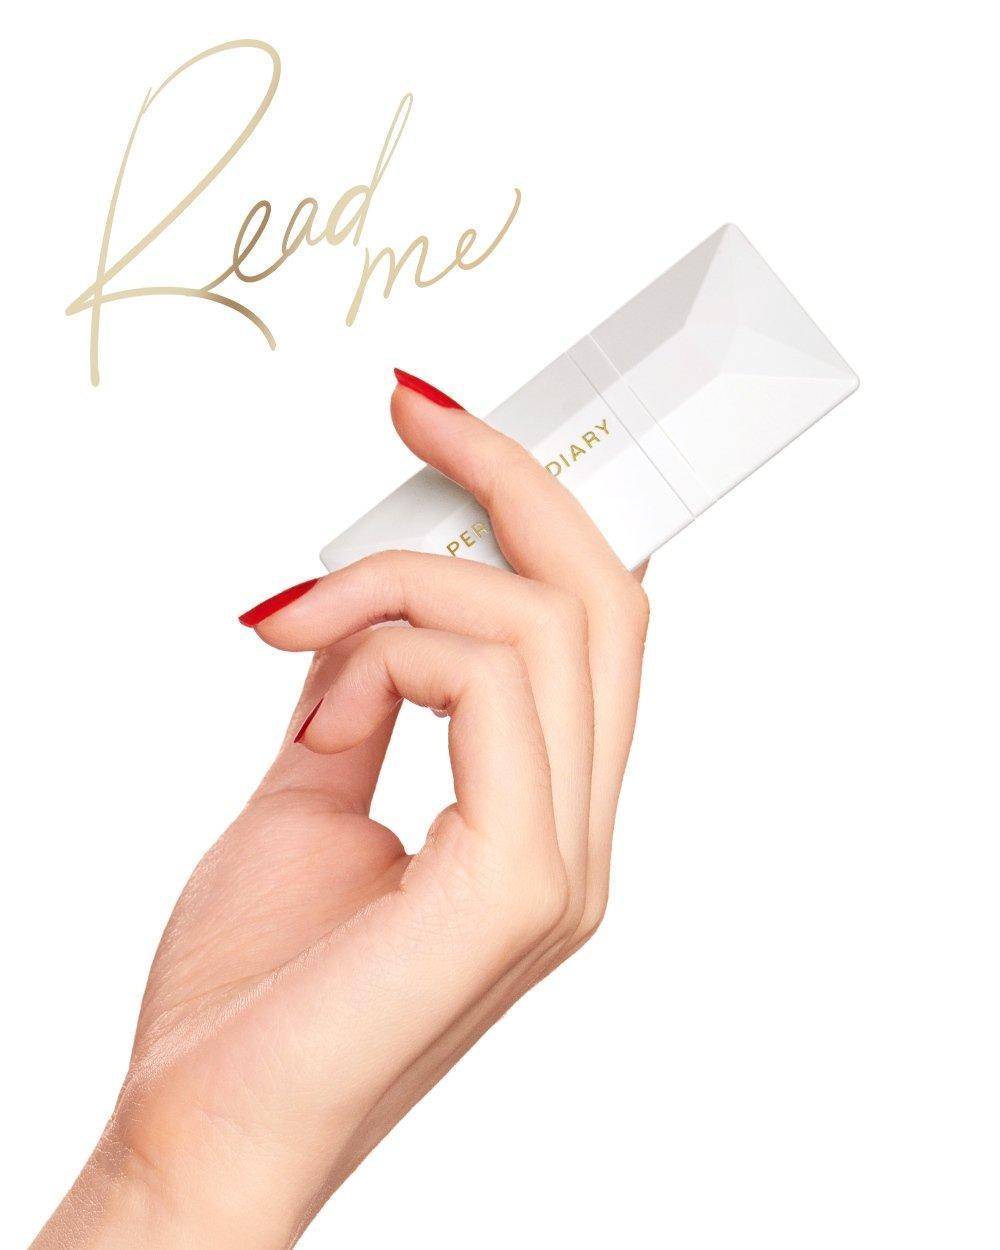 Perfect Diary ReadMe Weightless Velvet Lip Stain sở hữu thiết kế bao bì độc lạ, bắt mắt (Nguồn: Internet).